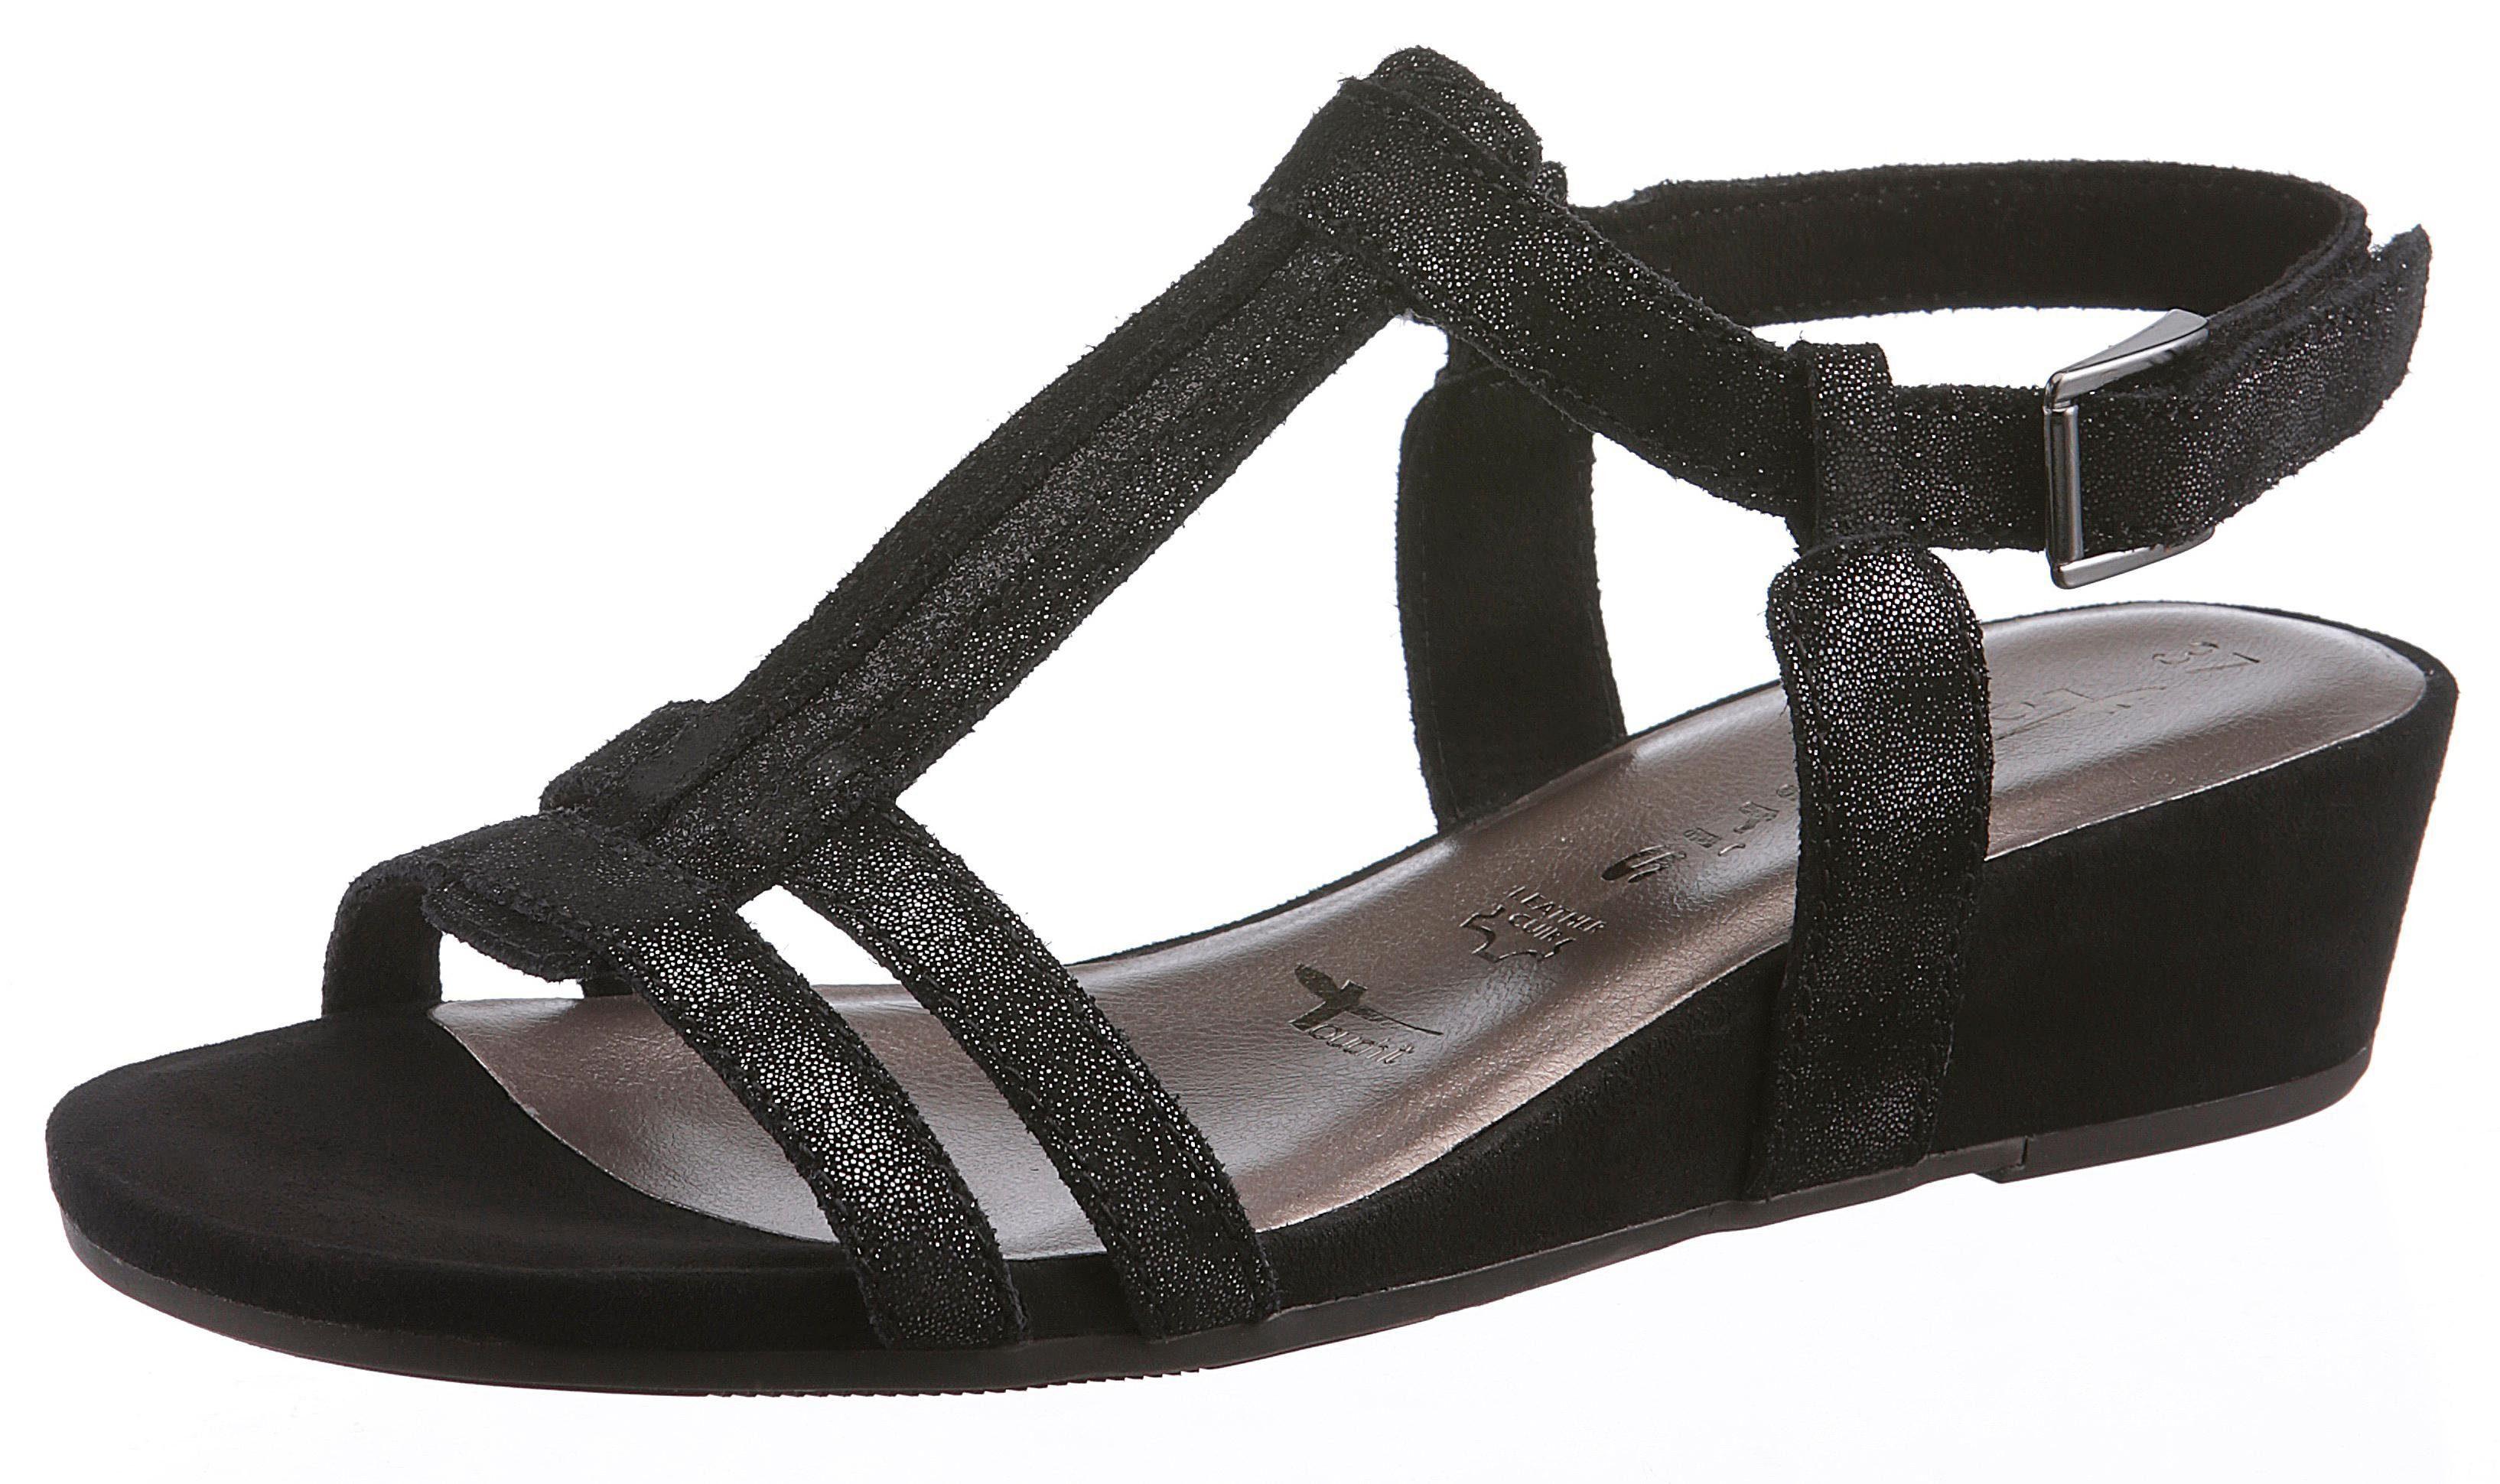 Tamaris Sandalette, mit schönen Glitzereinsatz  schwarz